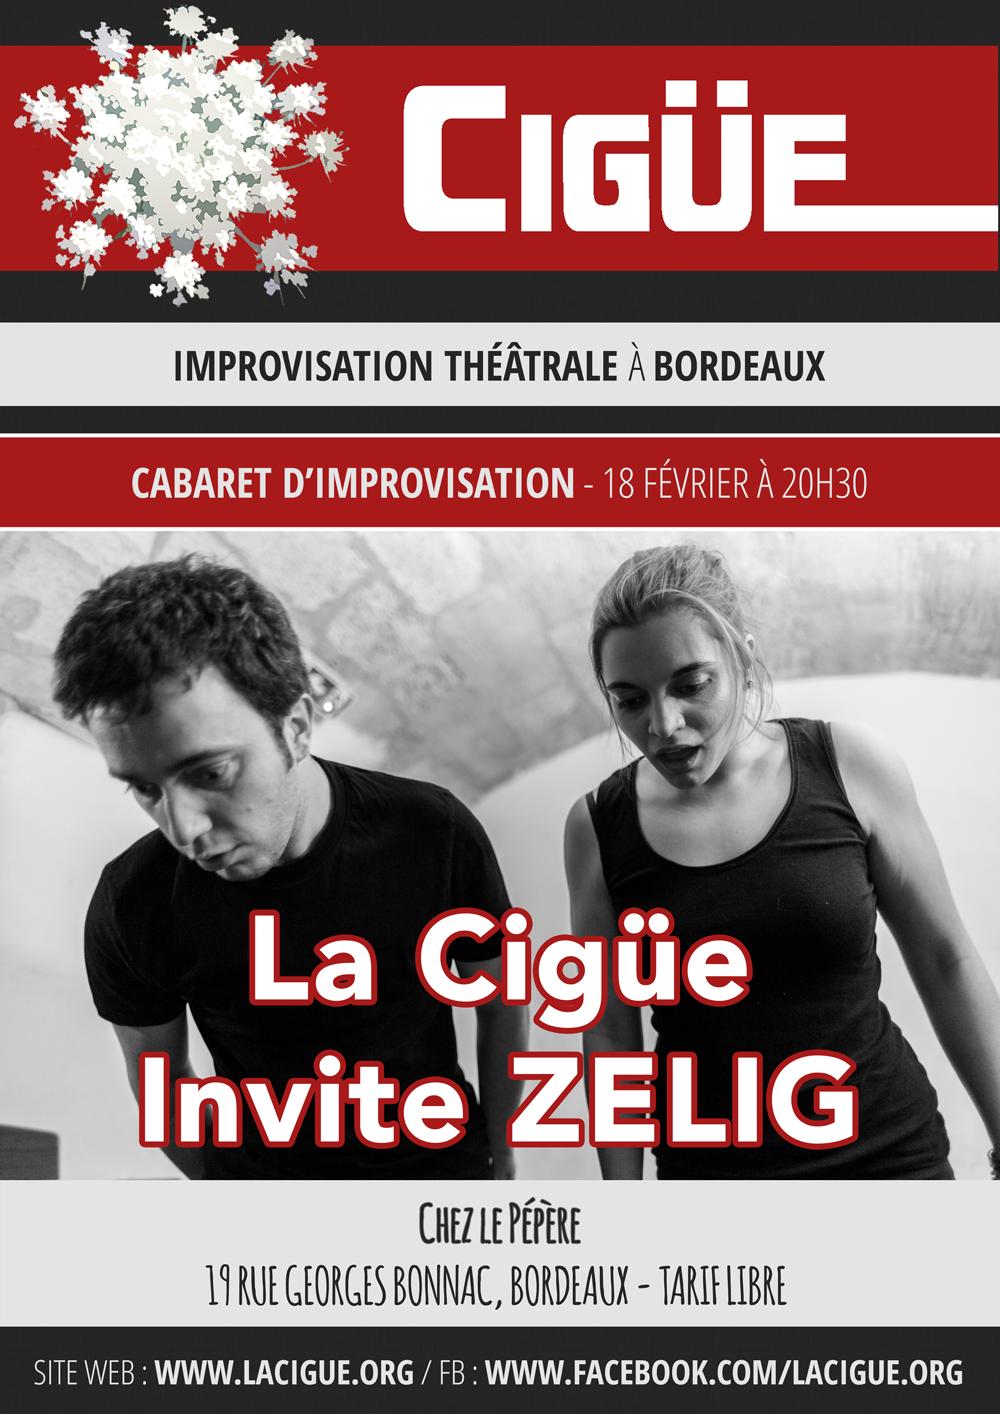 La Cigüe invite Zelig